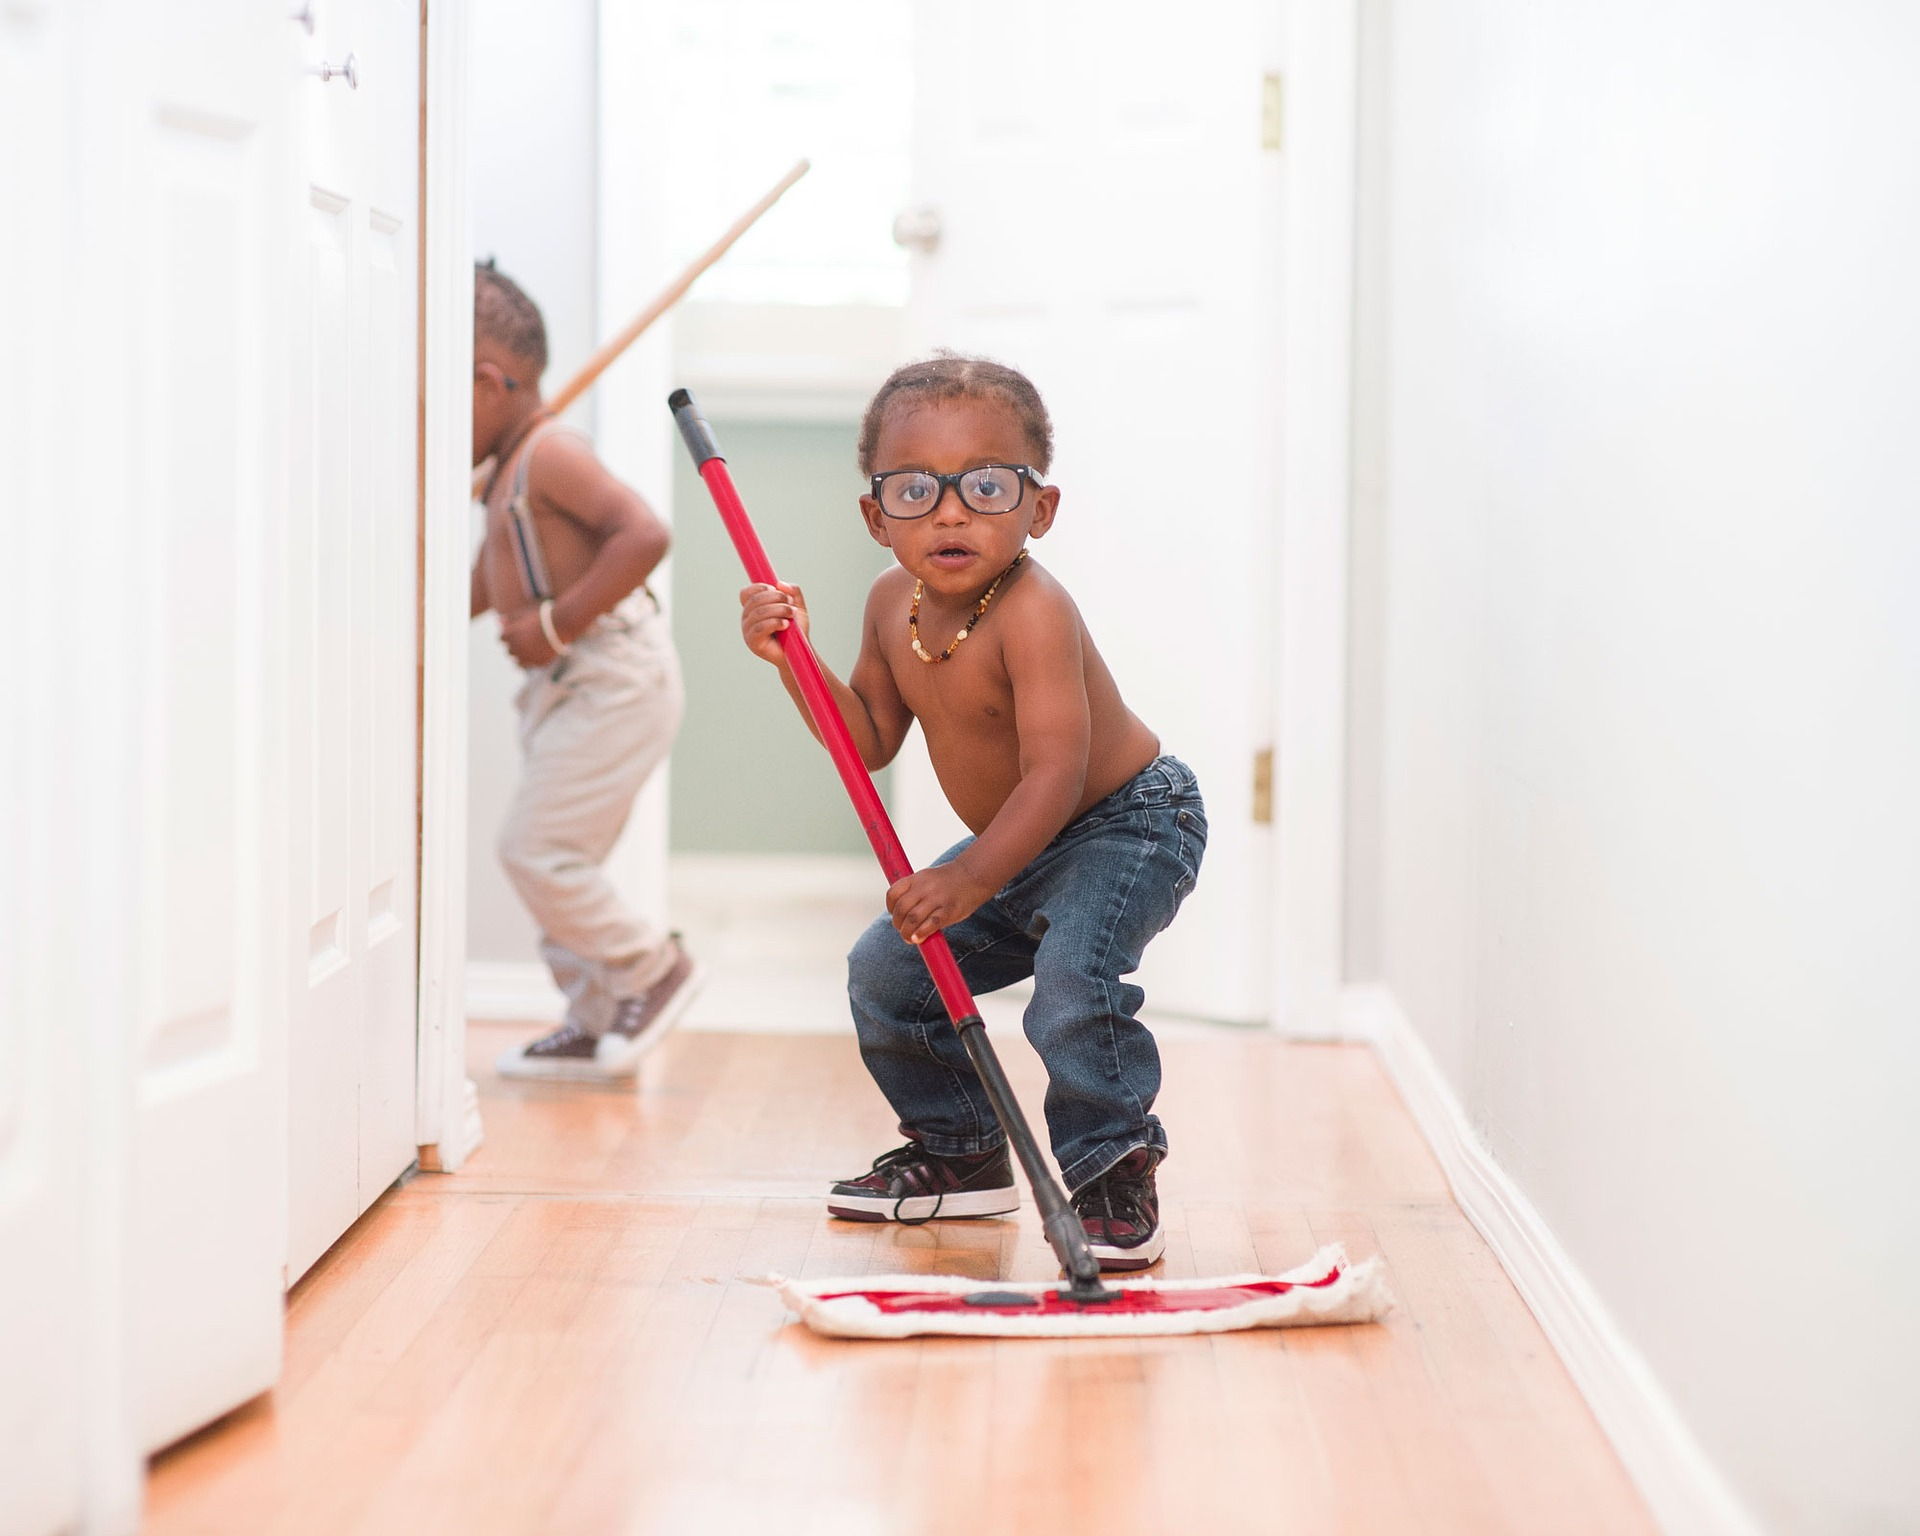 toddler holding mop